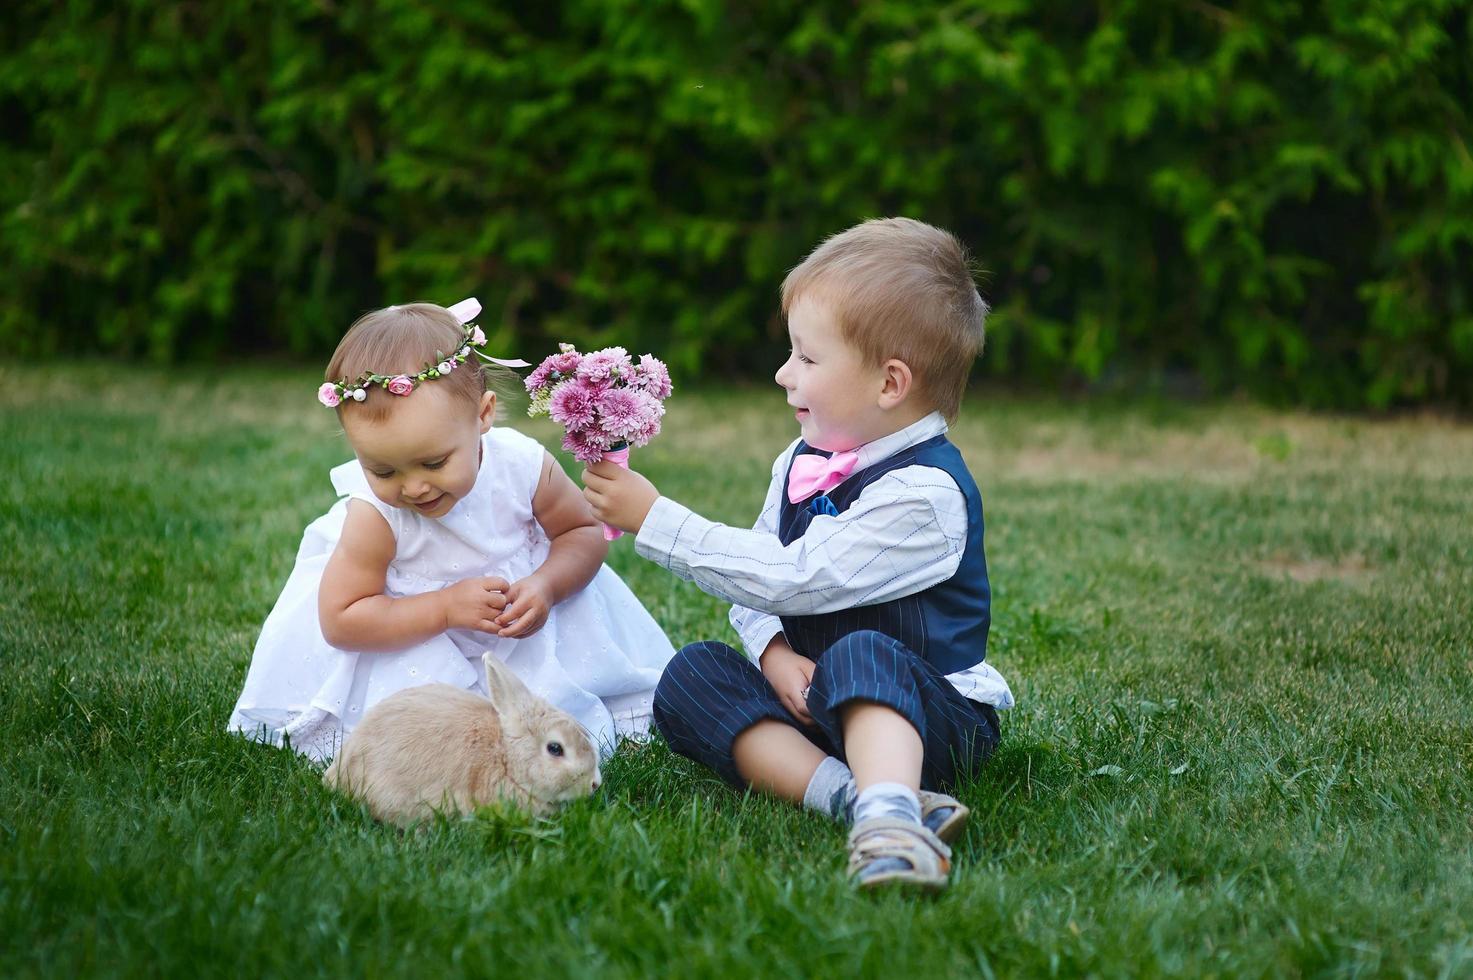 jeune garçon donne à la jeune fille un bouquet de fleurs photo